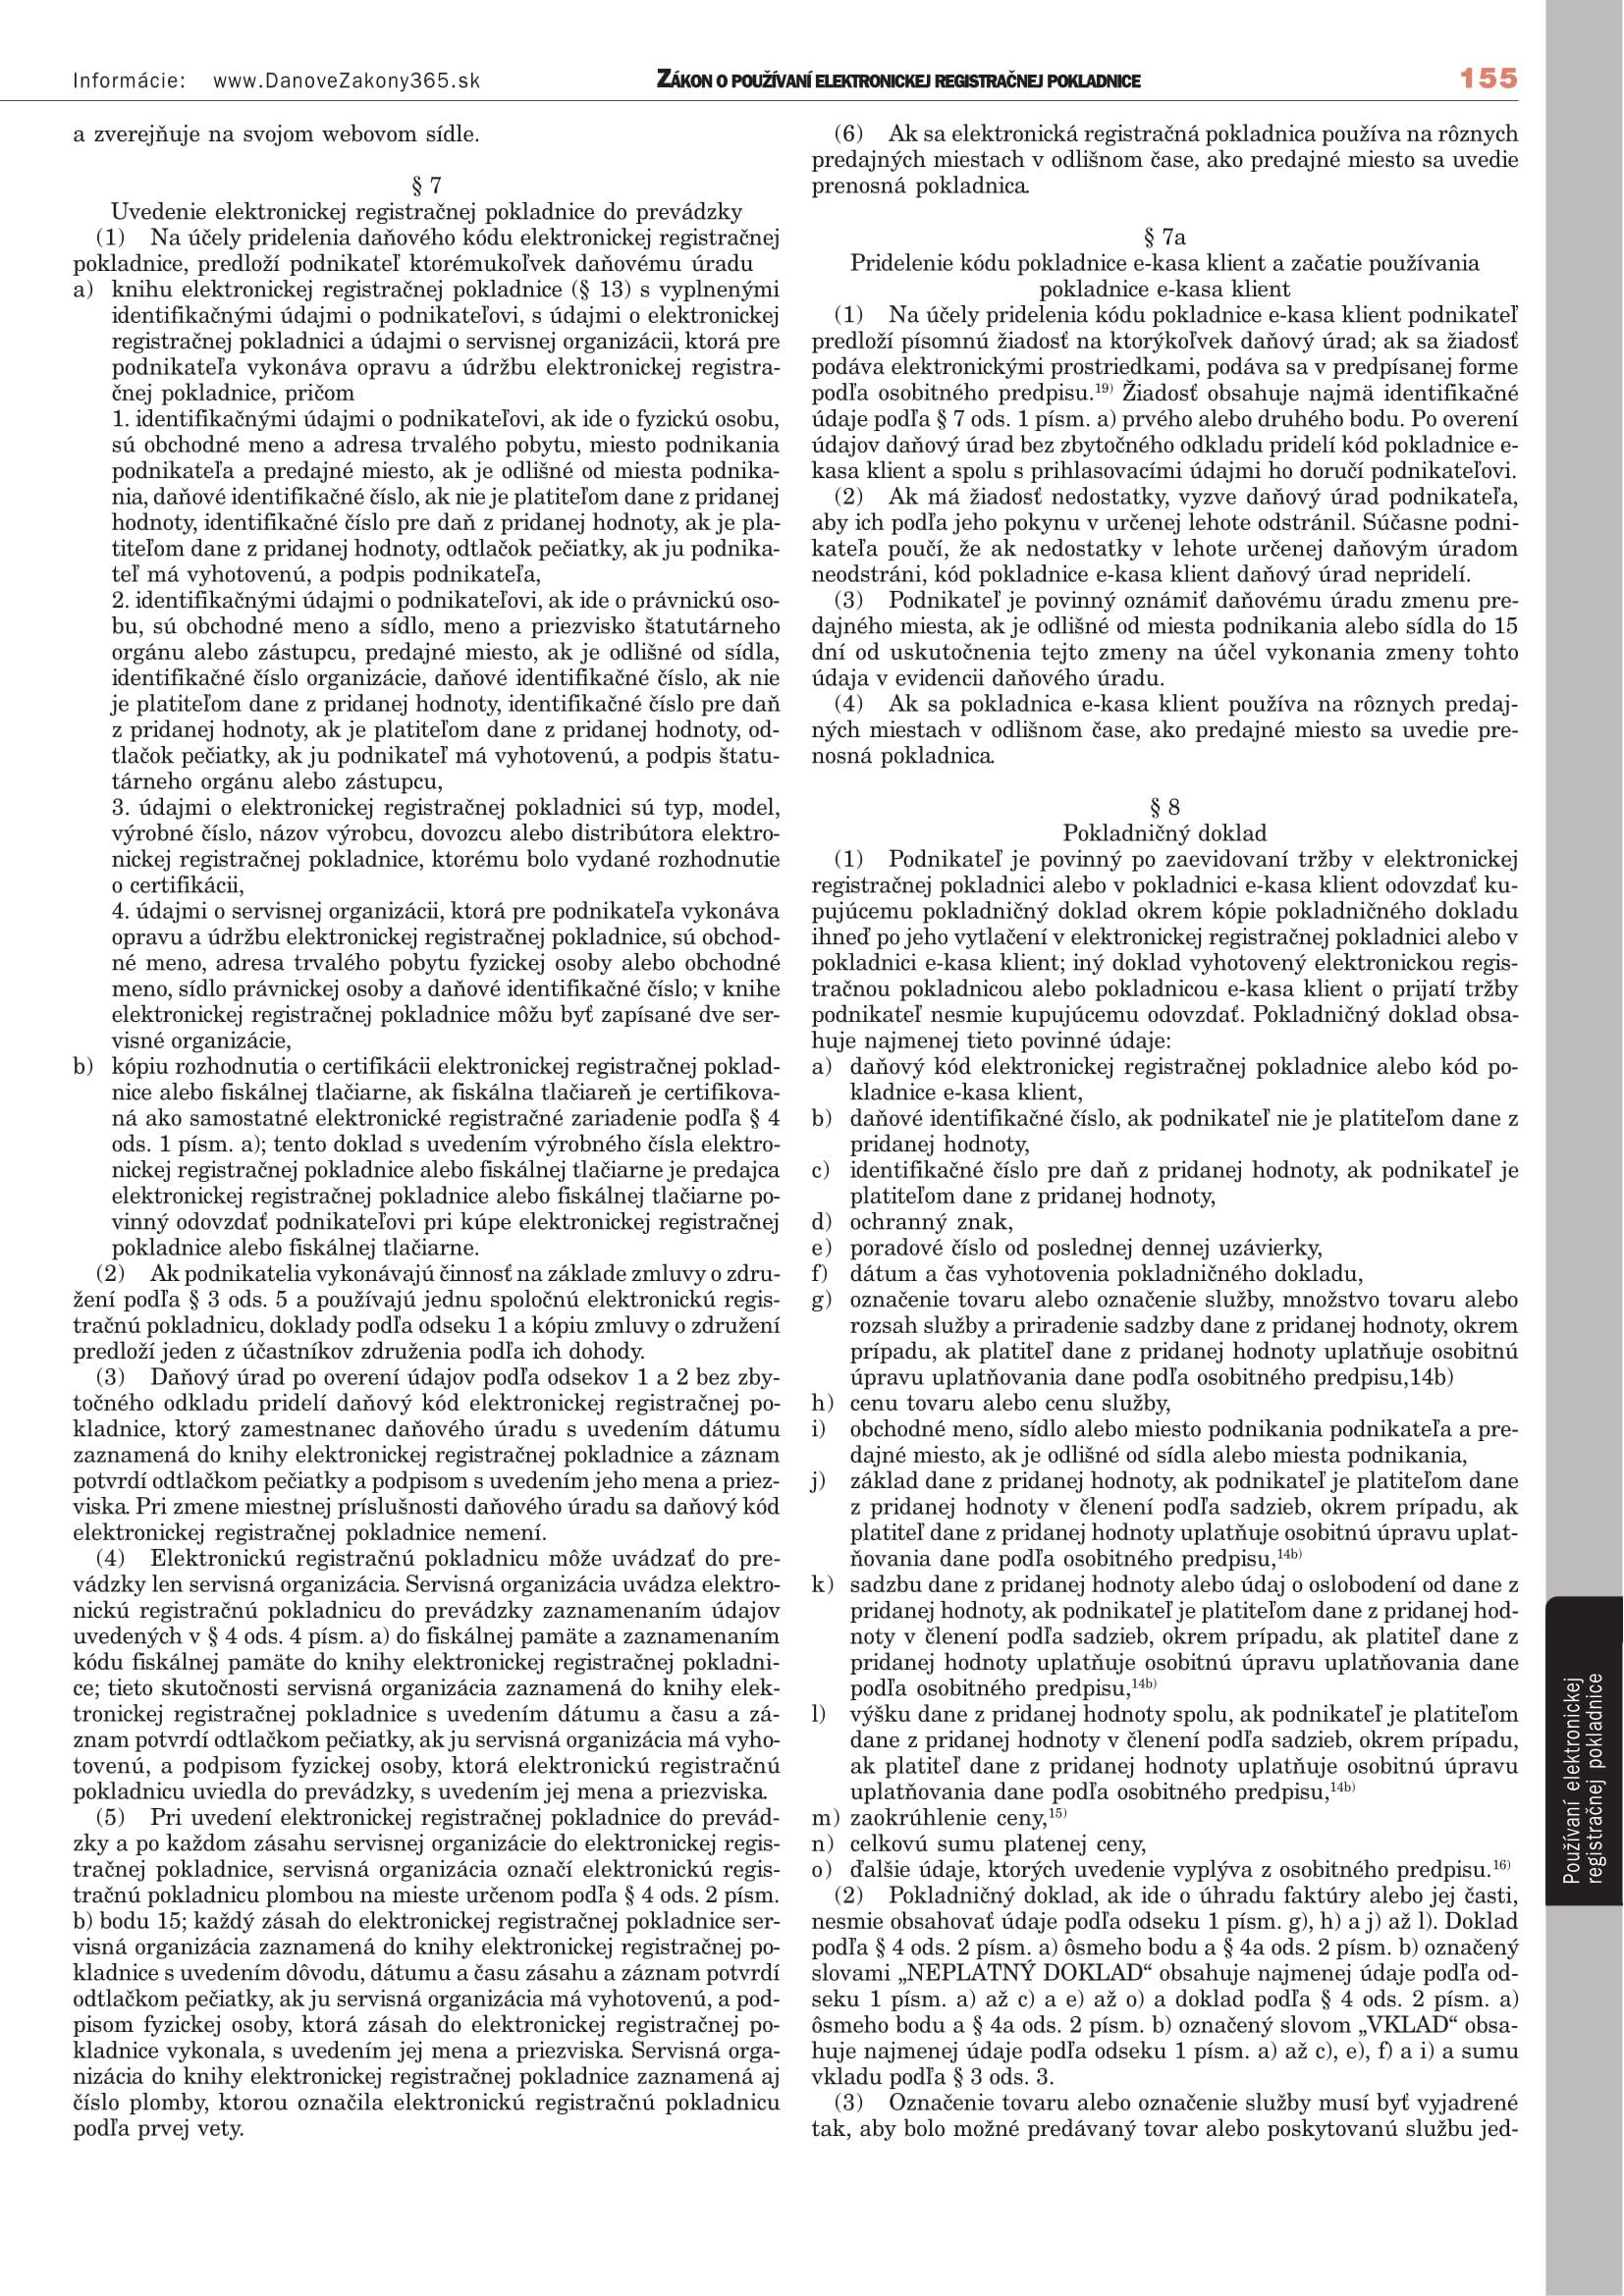 alto_zakon_o_registracnych_pokladniach_2019_po_jednej_stranane-10